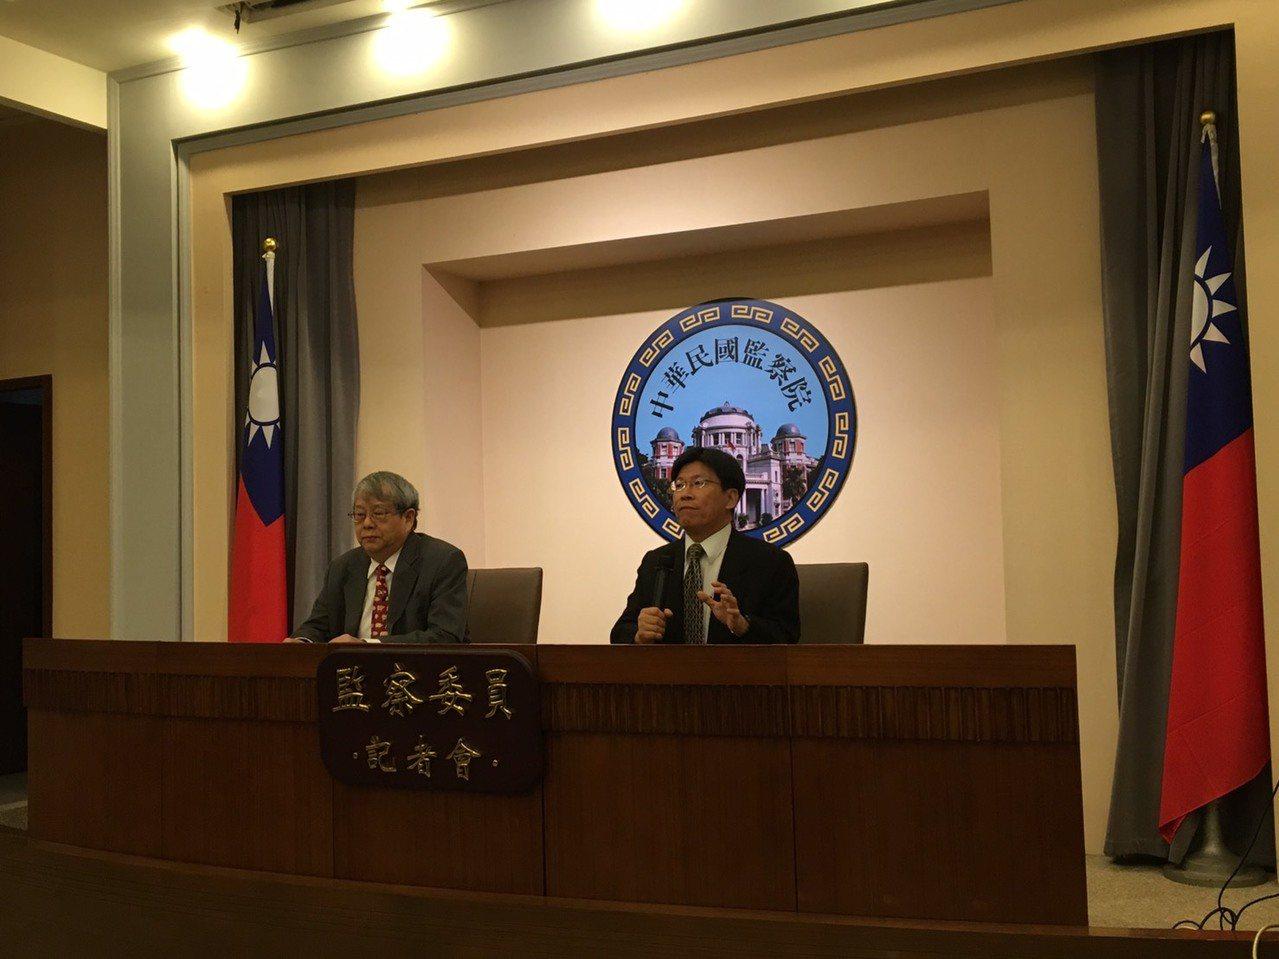 監察委員高涌誠(右)、陳師孟(左)認為現行刑法公然侮辱罪不合比例原則,且有違憲疑...